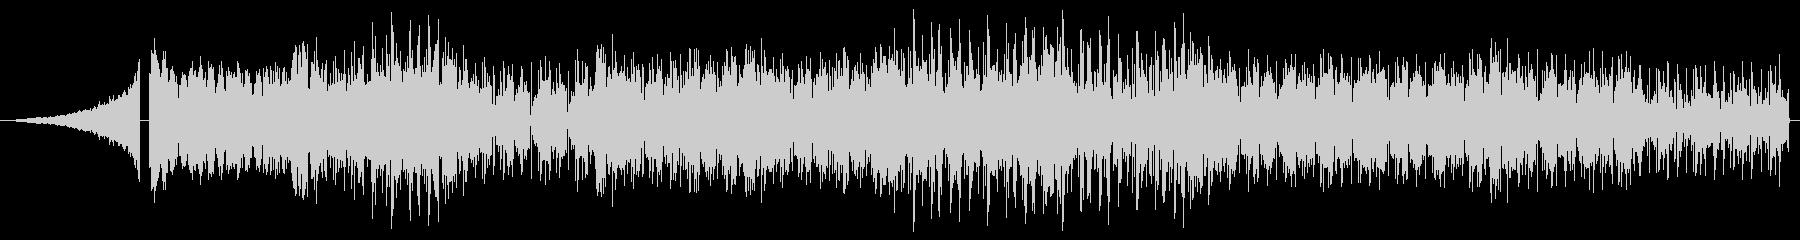 激しくかっこいいエレクトロBGMの未再生の波形